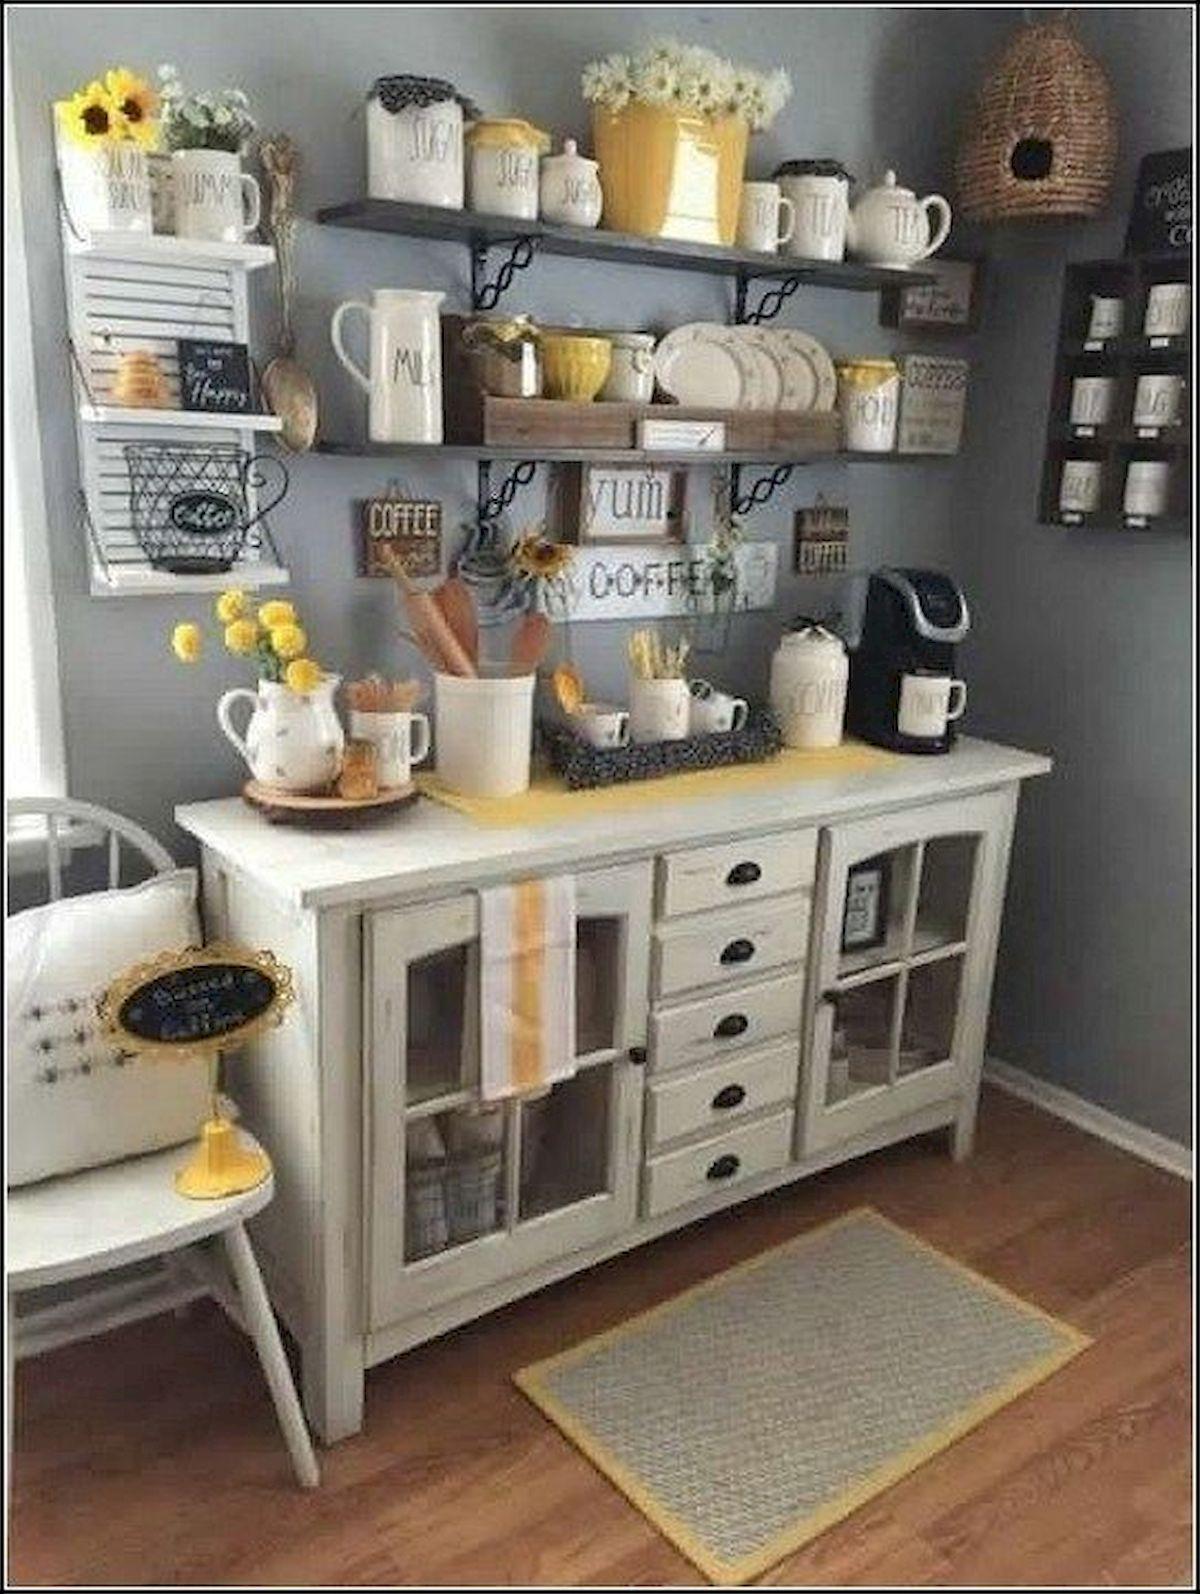 46 Creative DIY Small Kitchen Storage Ideas (12)